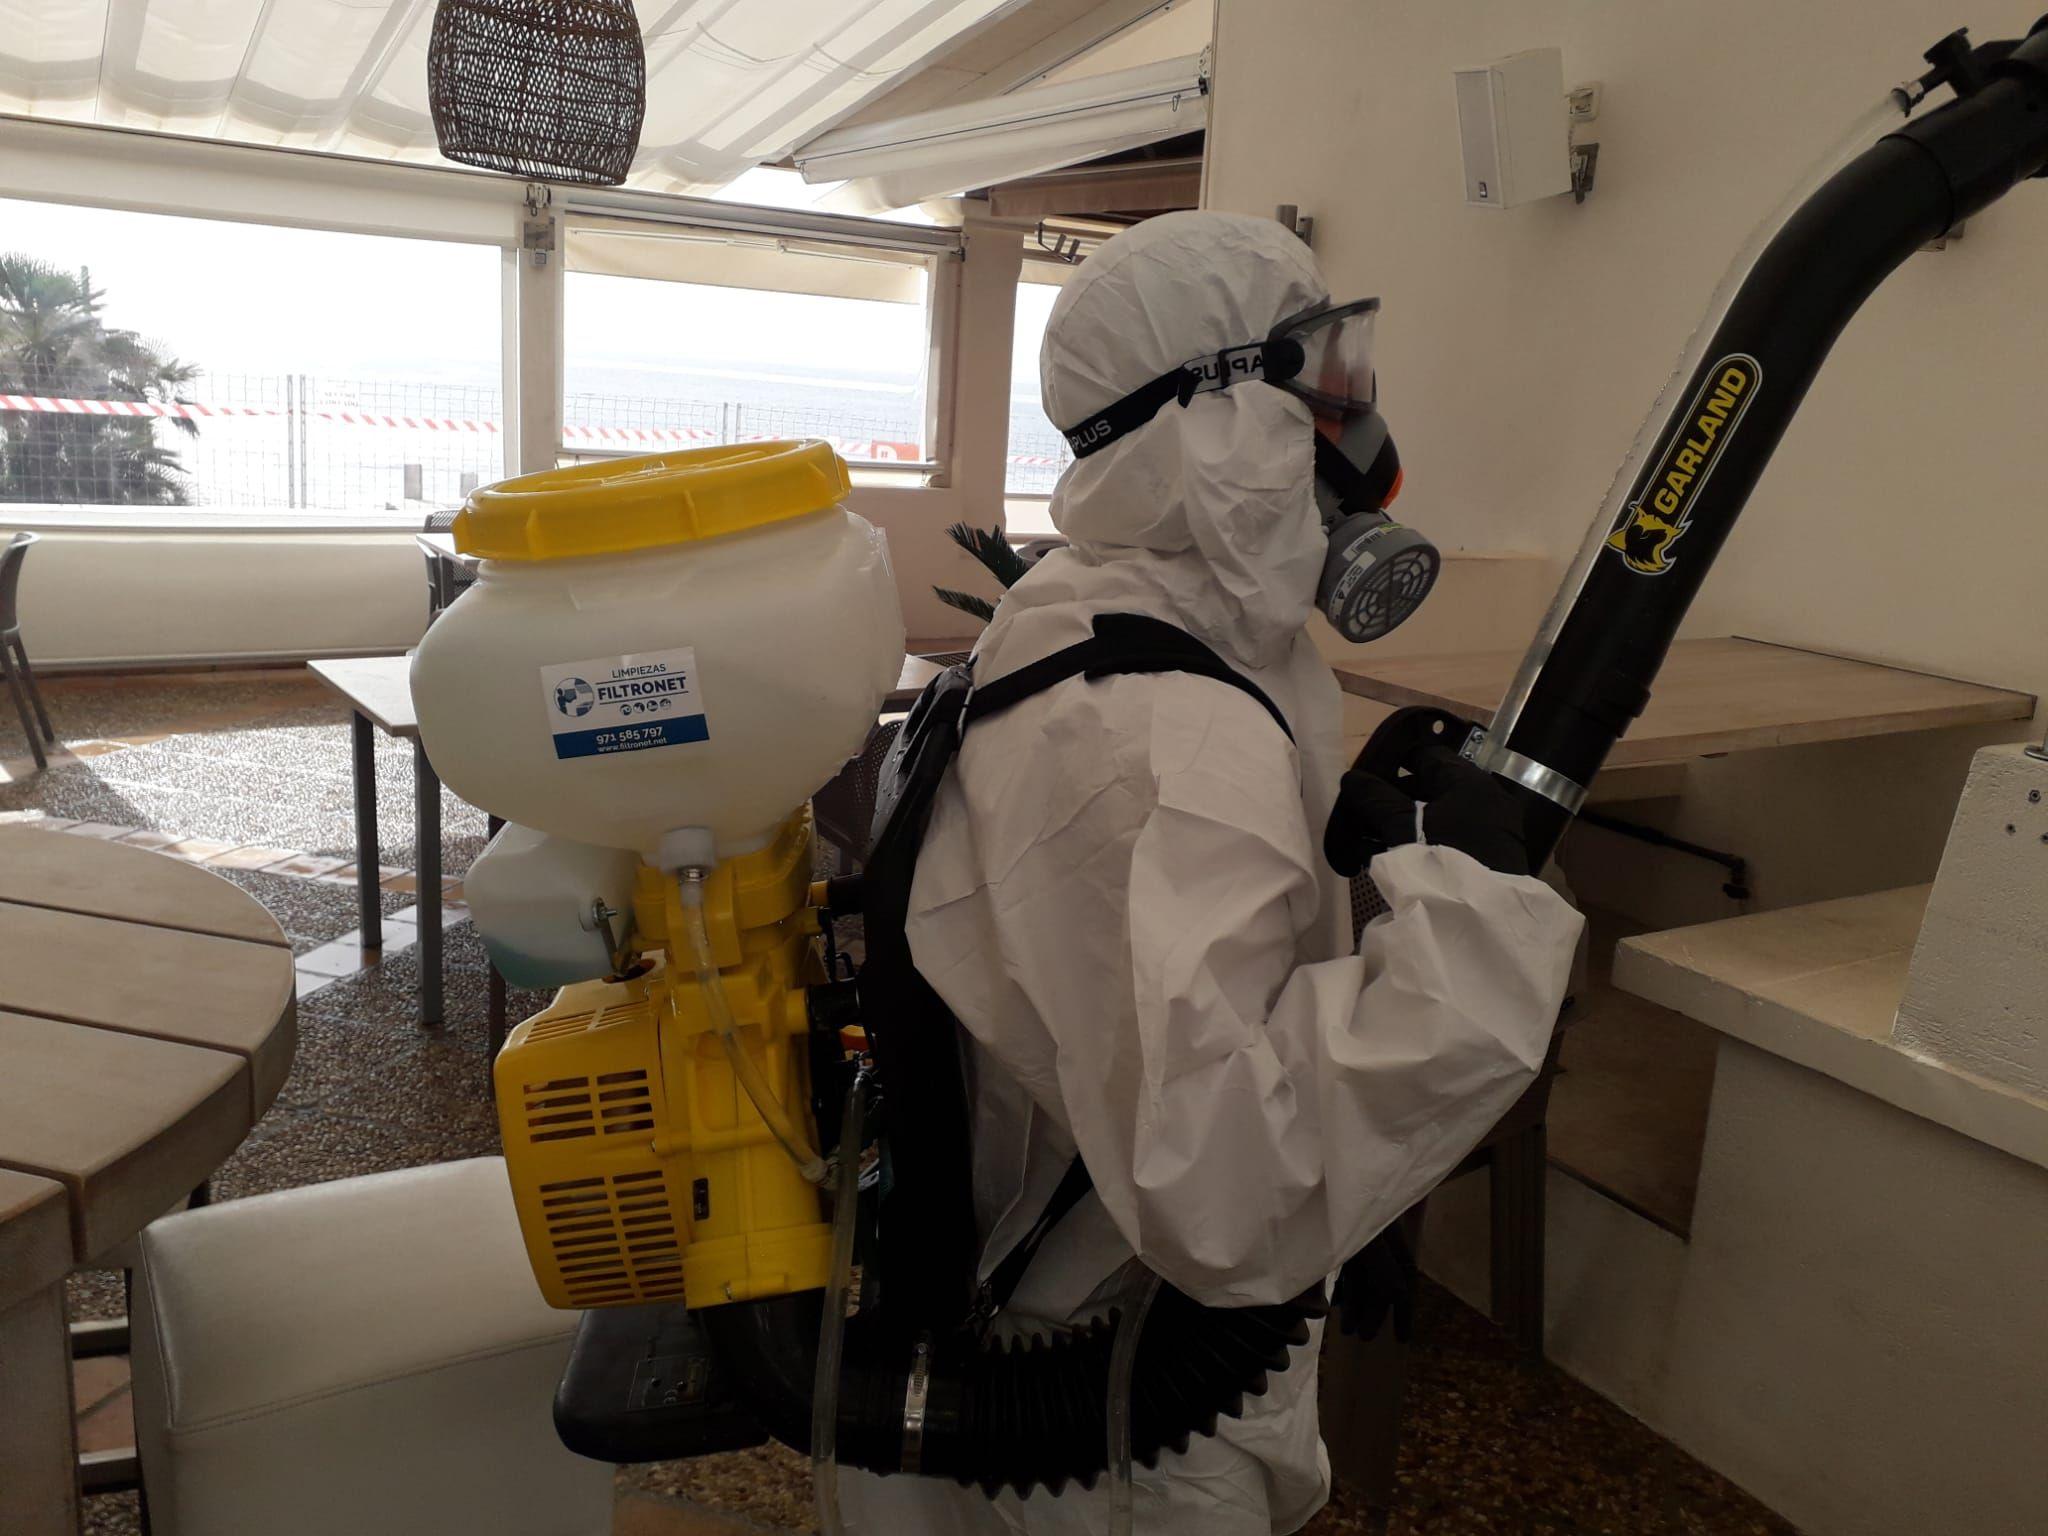 Nuevo Servicio. Sistema de desinfección por OZONO. COVID 19: Servicios de Limpiezas Filtro net